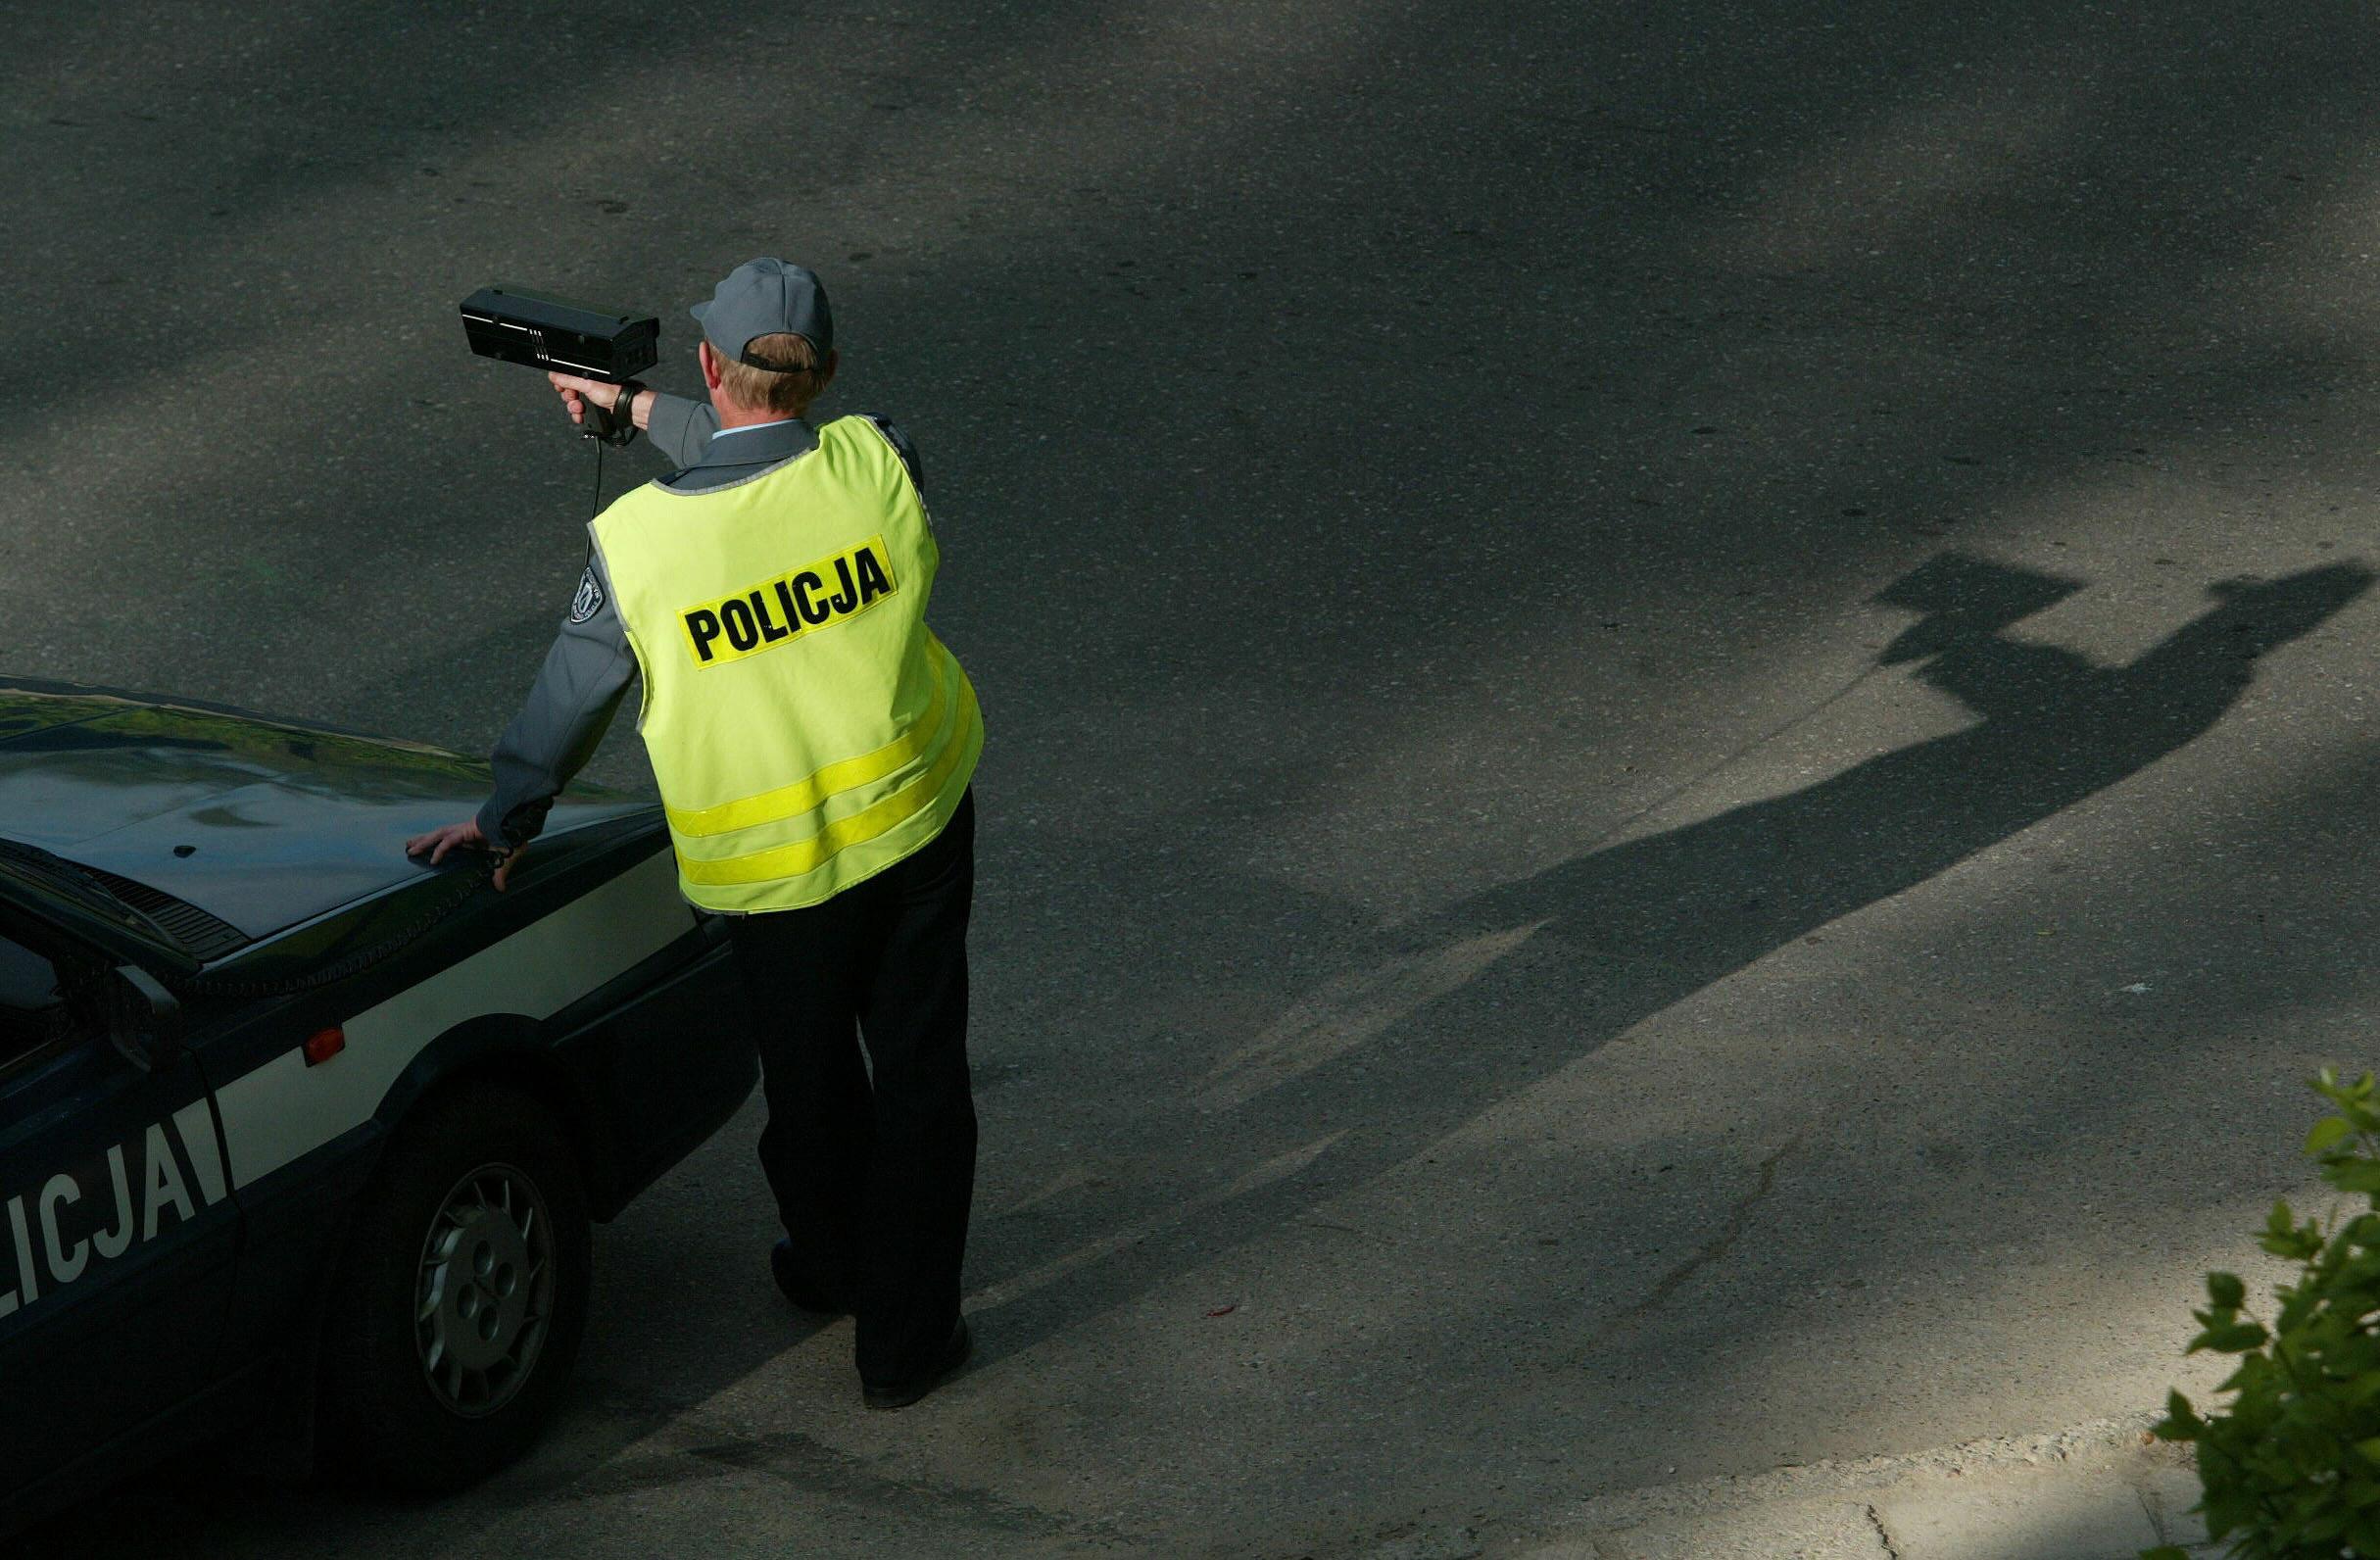 Policjant podczas kontroli prędkości